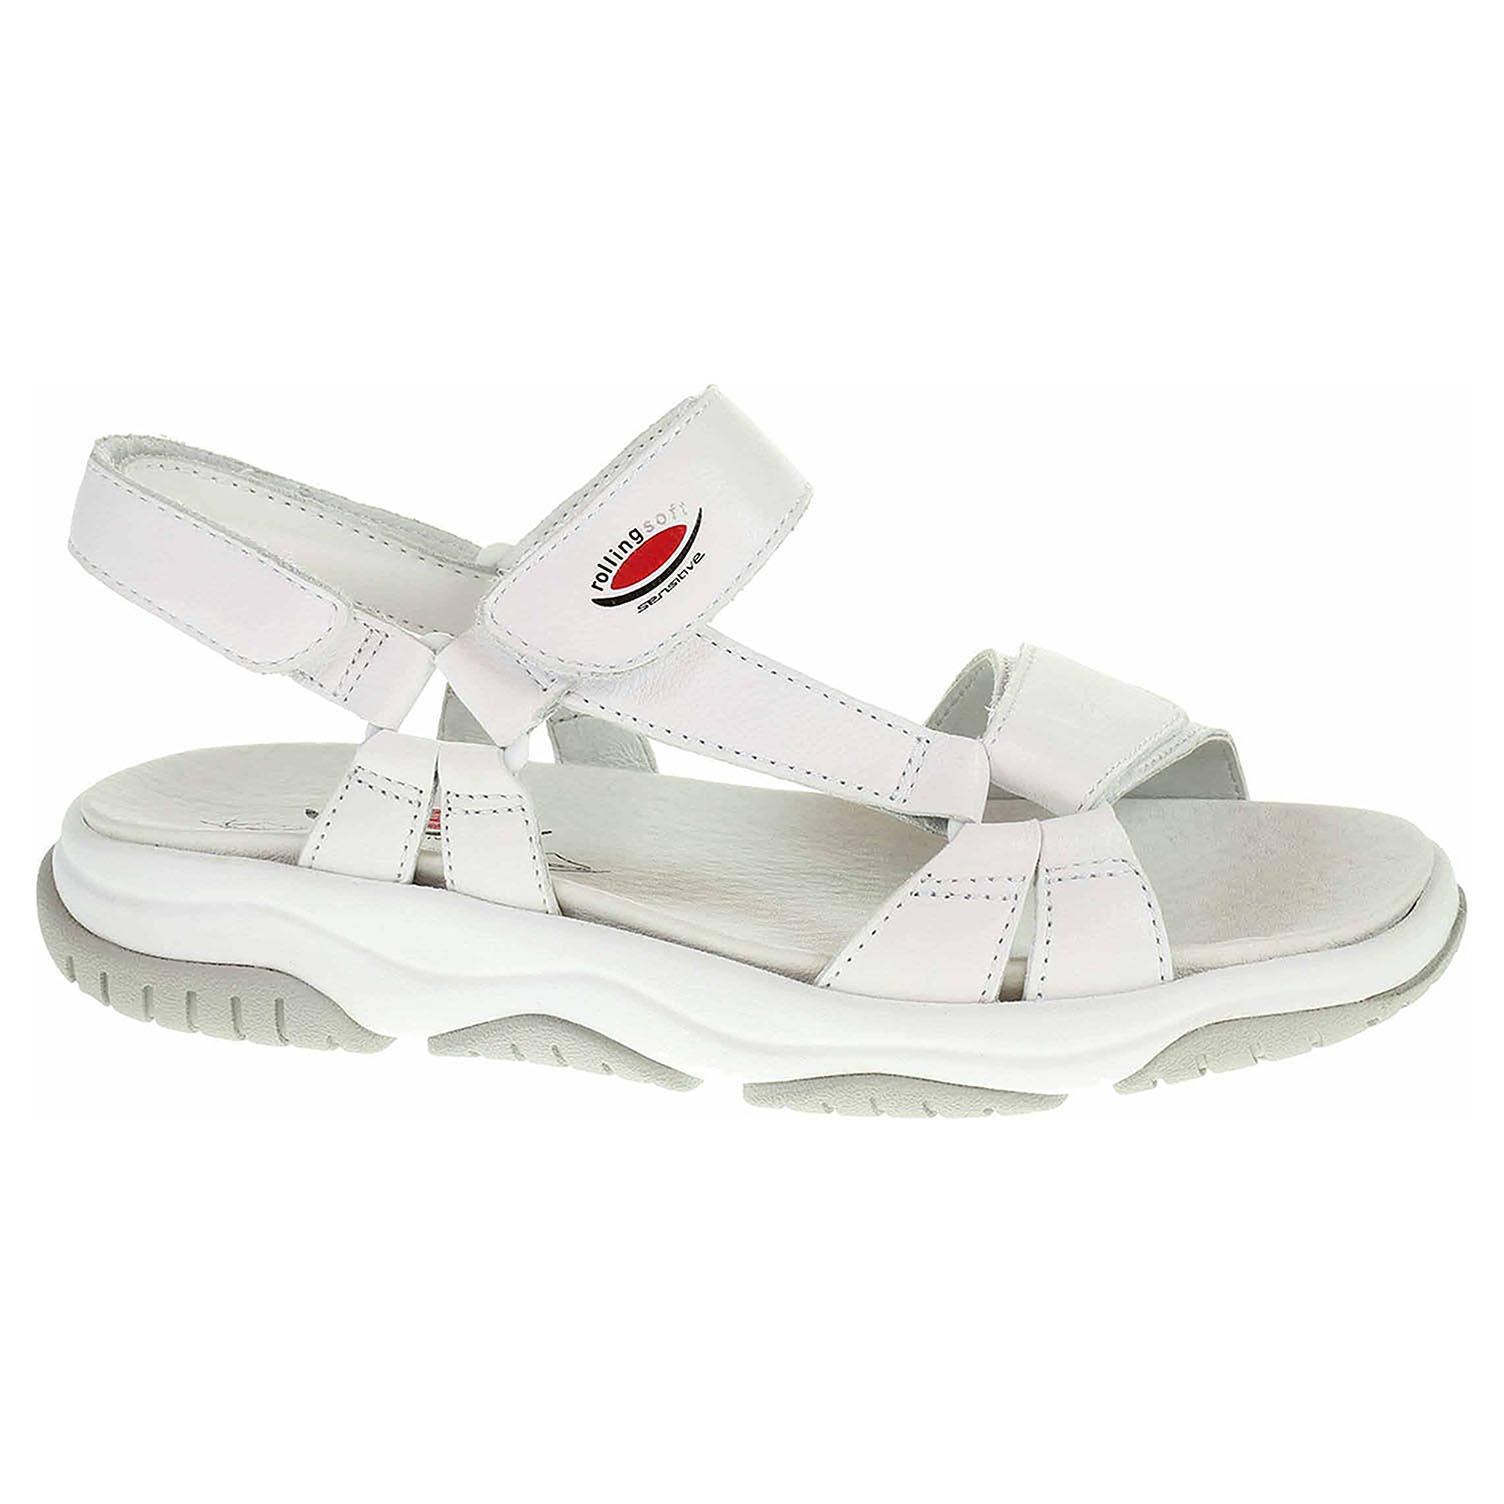 Dámské sandály Gabor 26.928.50 weiss 26.928.50 38